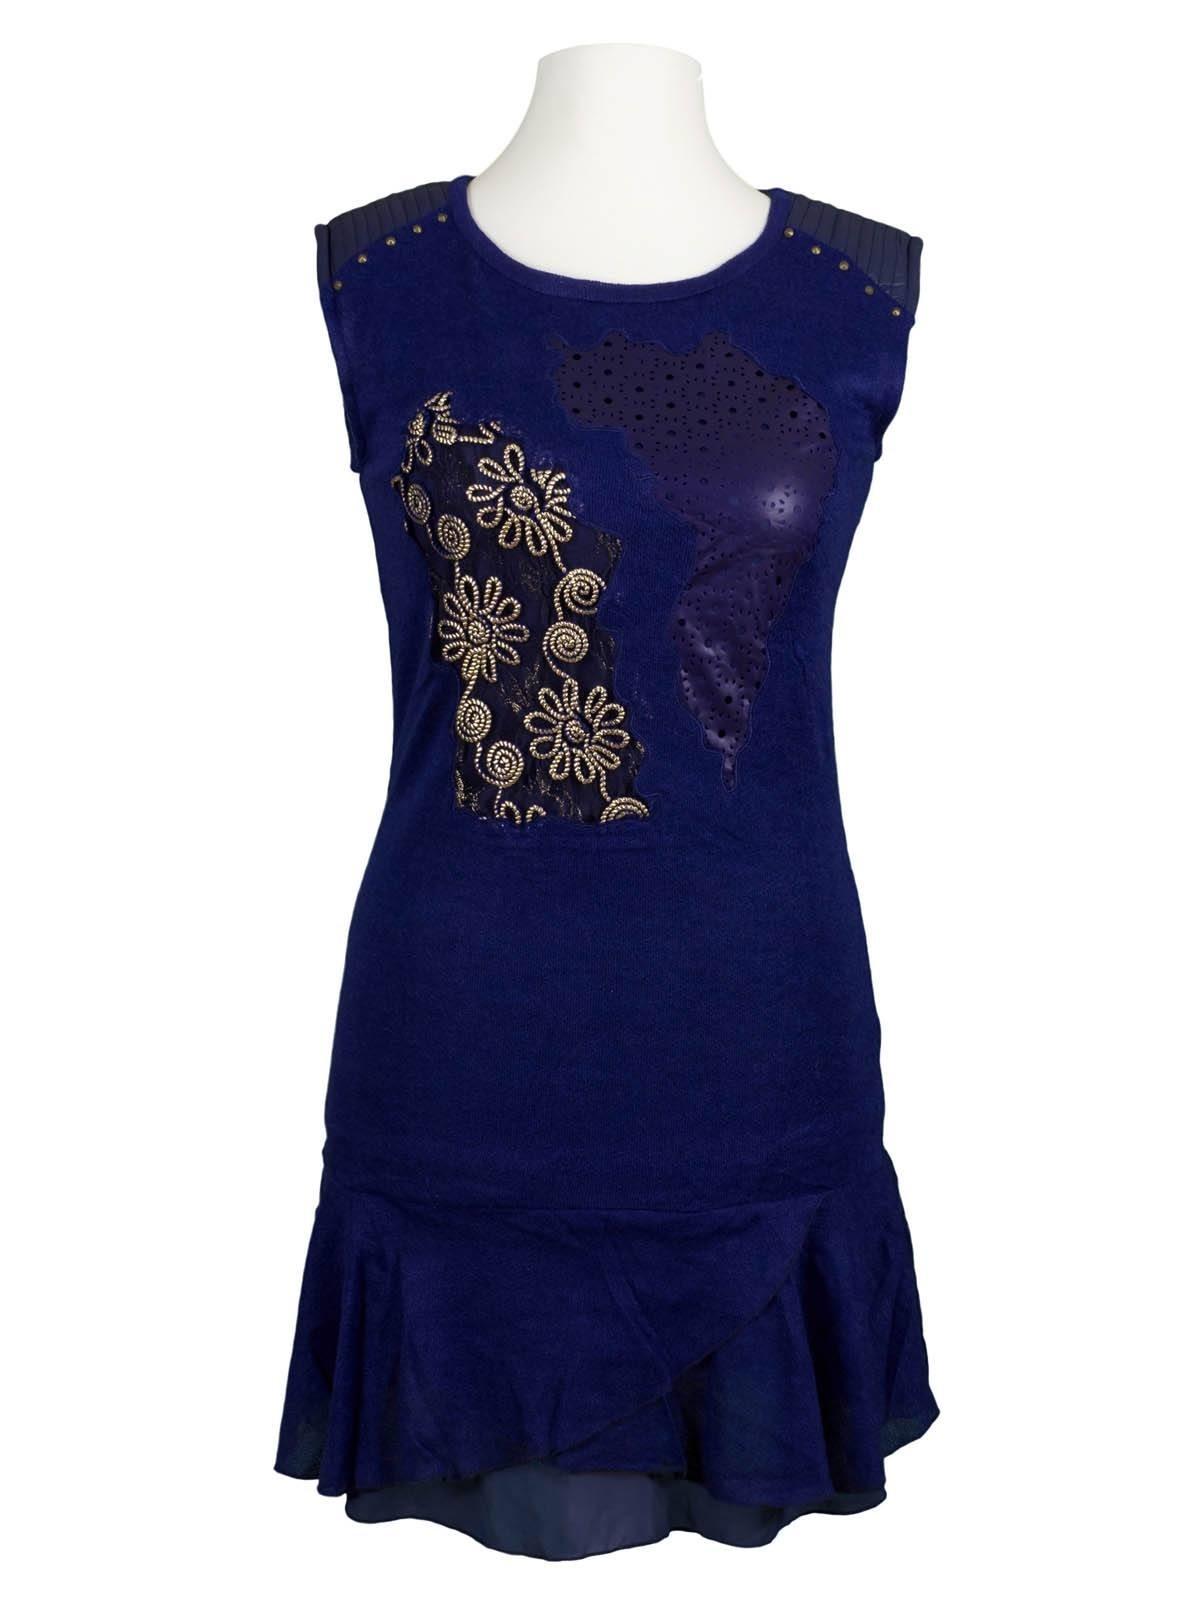 Formal Cool Kleider In Blau Spezialgebiet13 Perfekt Kleider In Blau für 2019